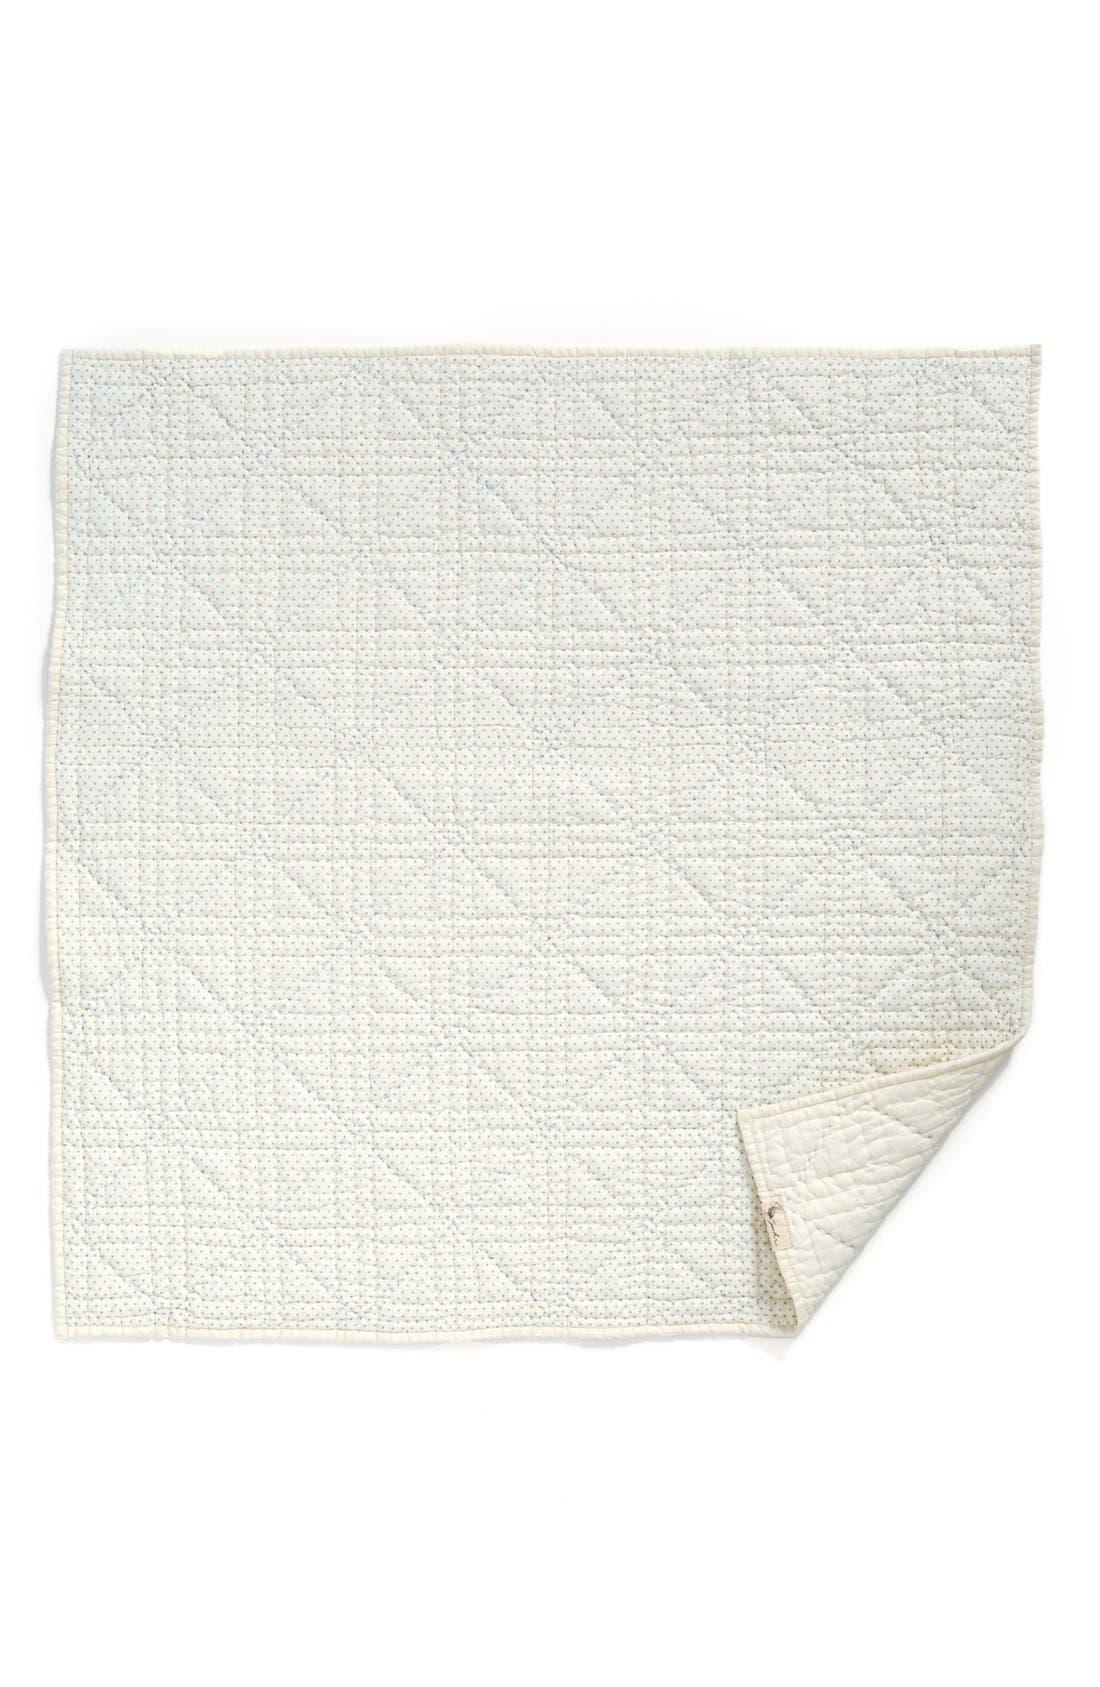 Petit Pehr 'Stork' Baby Blanket